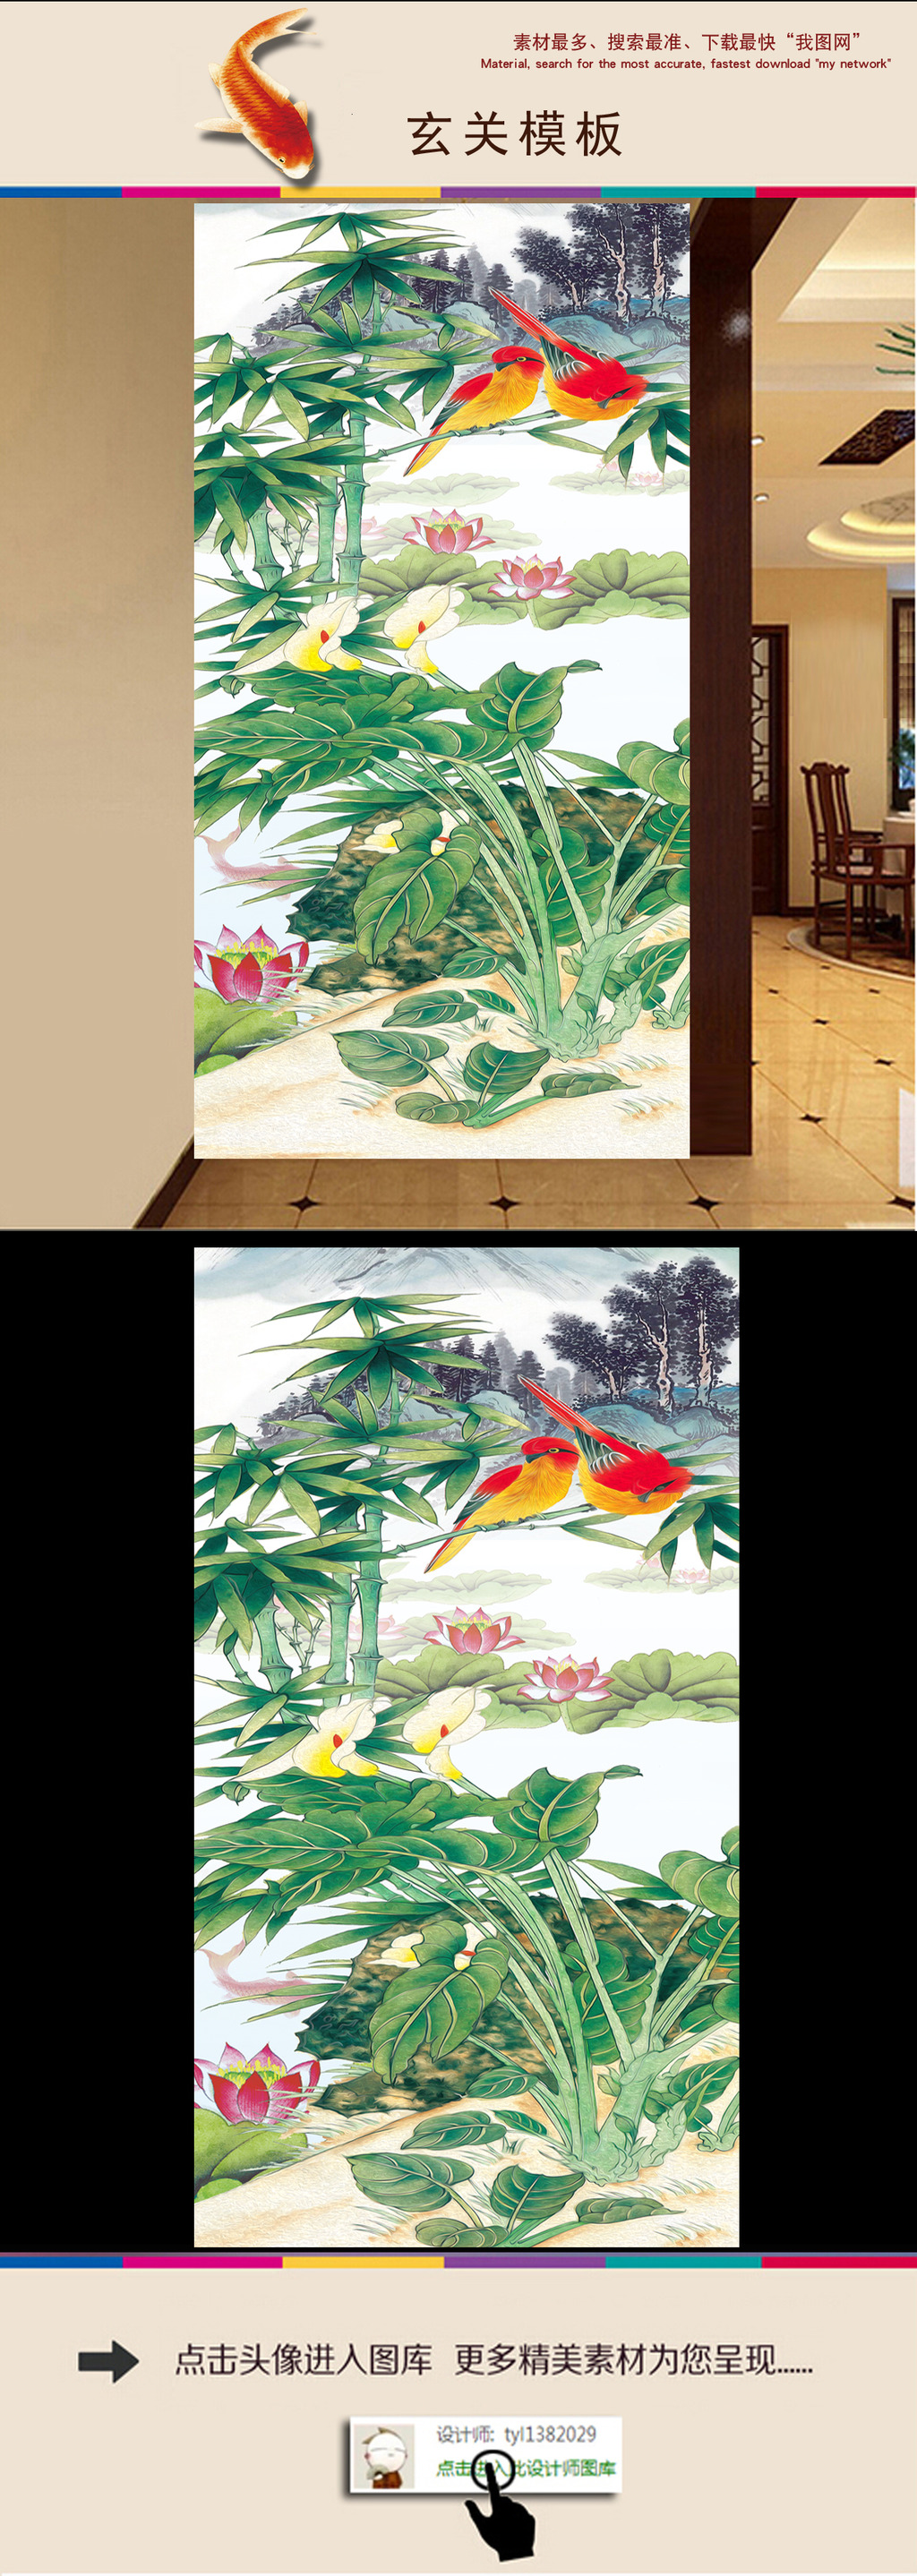 山水 装饰画 鸟语花香/[版权图片]山水花鸟语花香中式工笔画玄关门厅装饰画